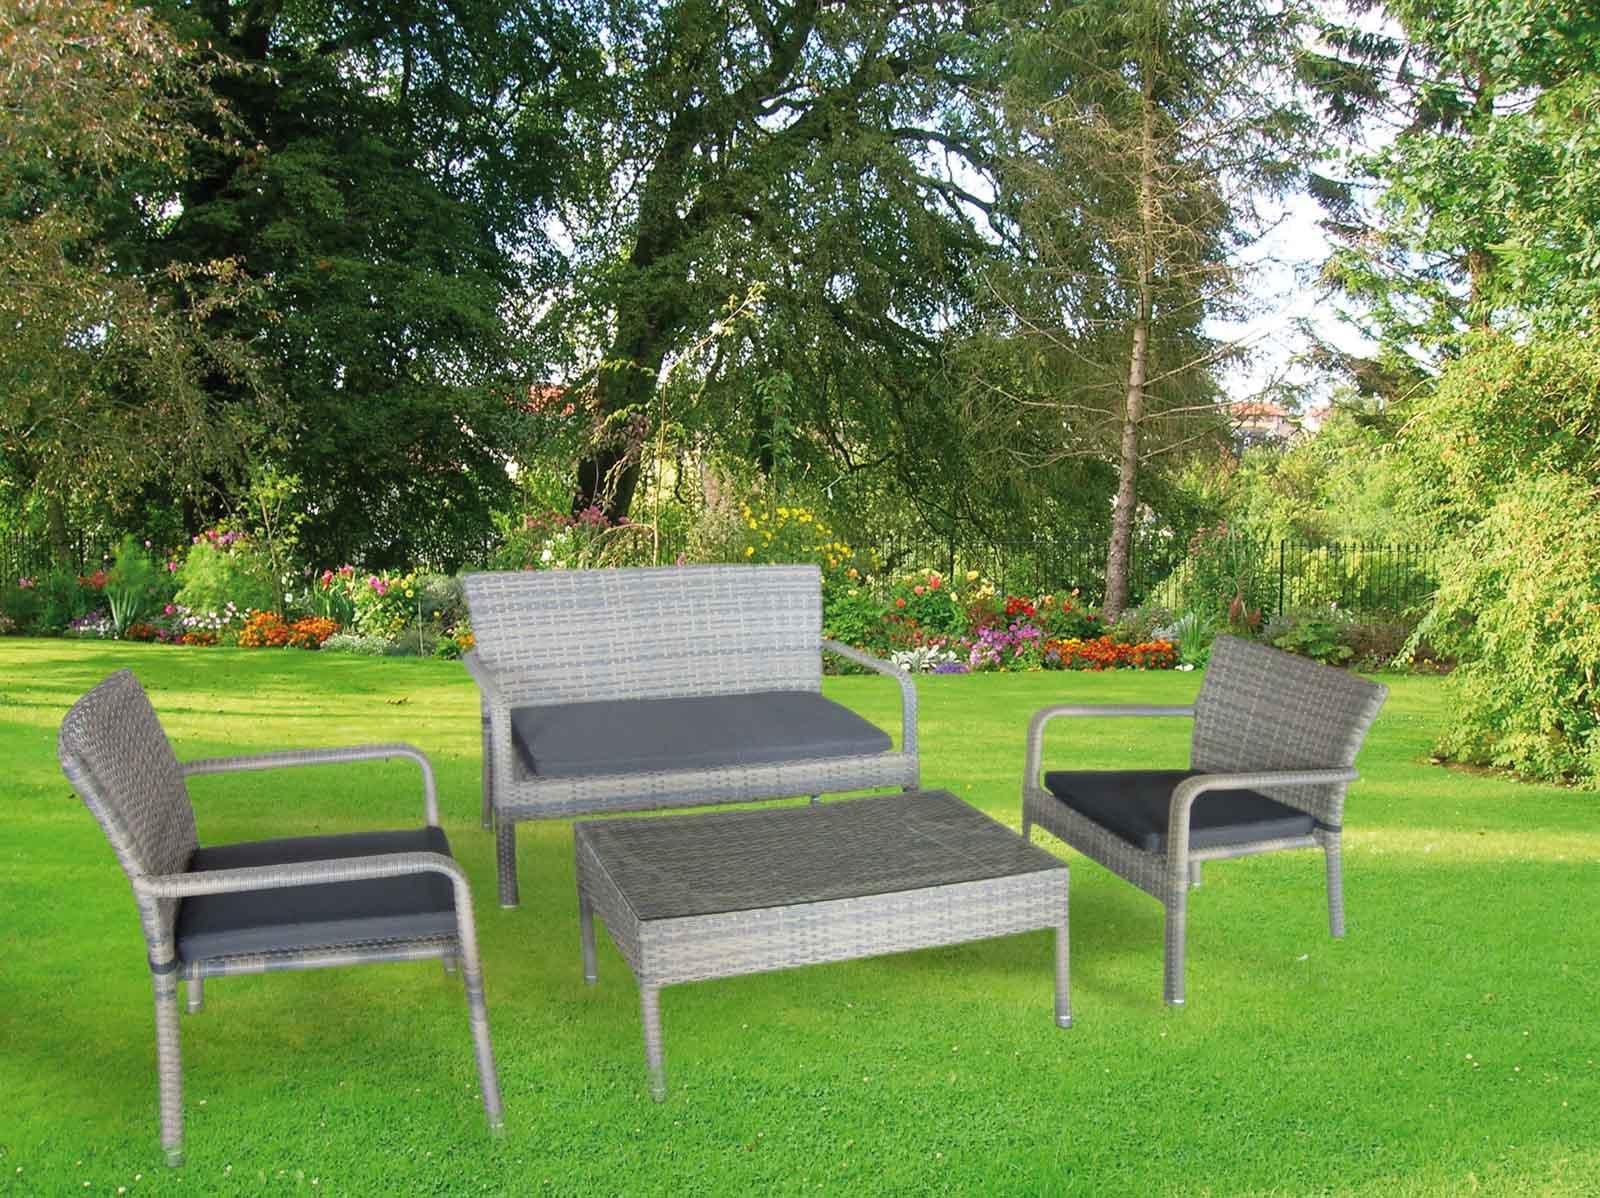 Vendita online set mobili da giardino for Mobili giardino sconti